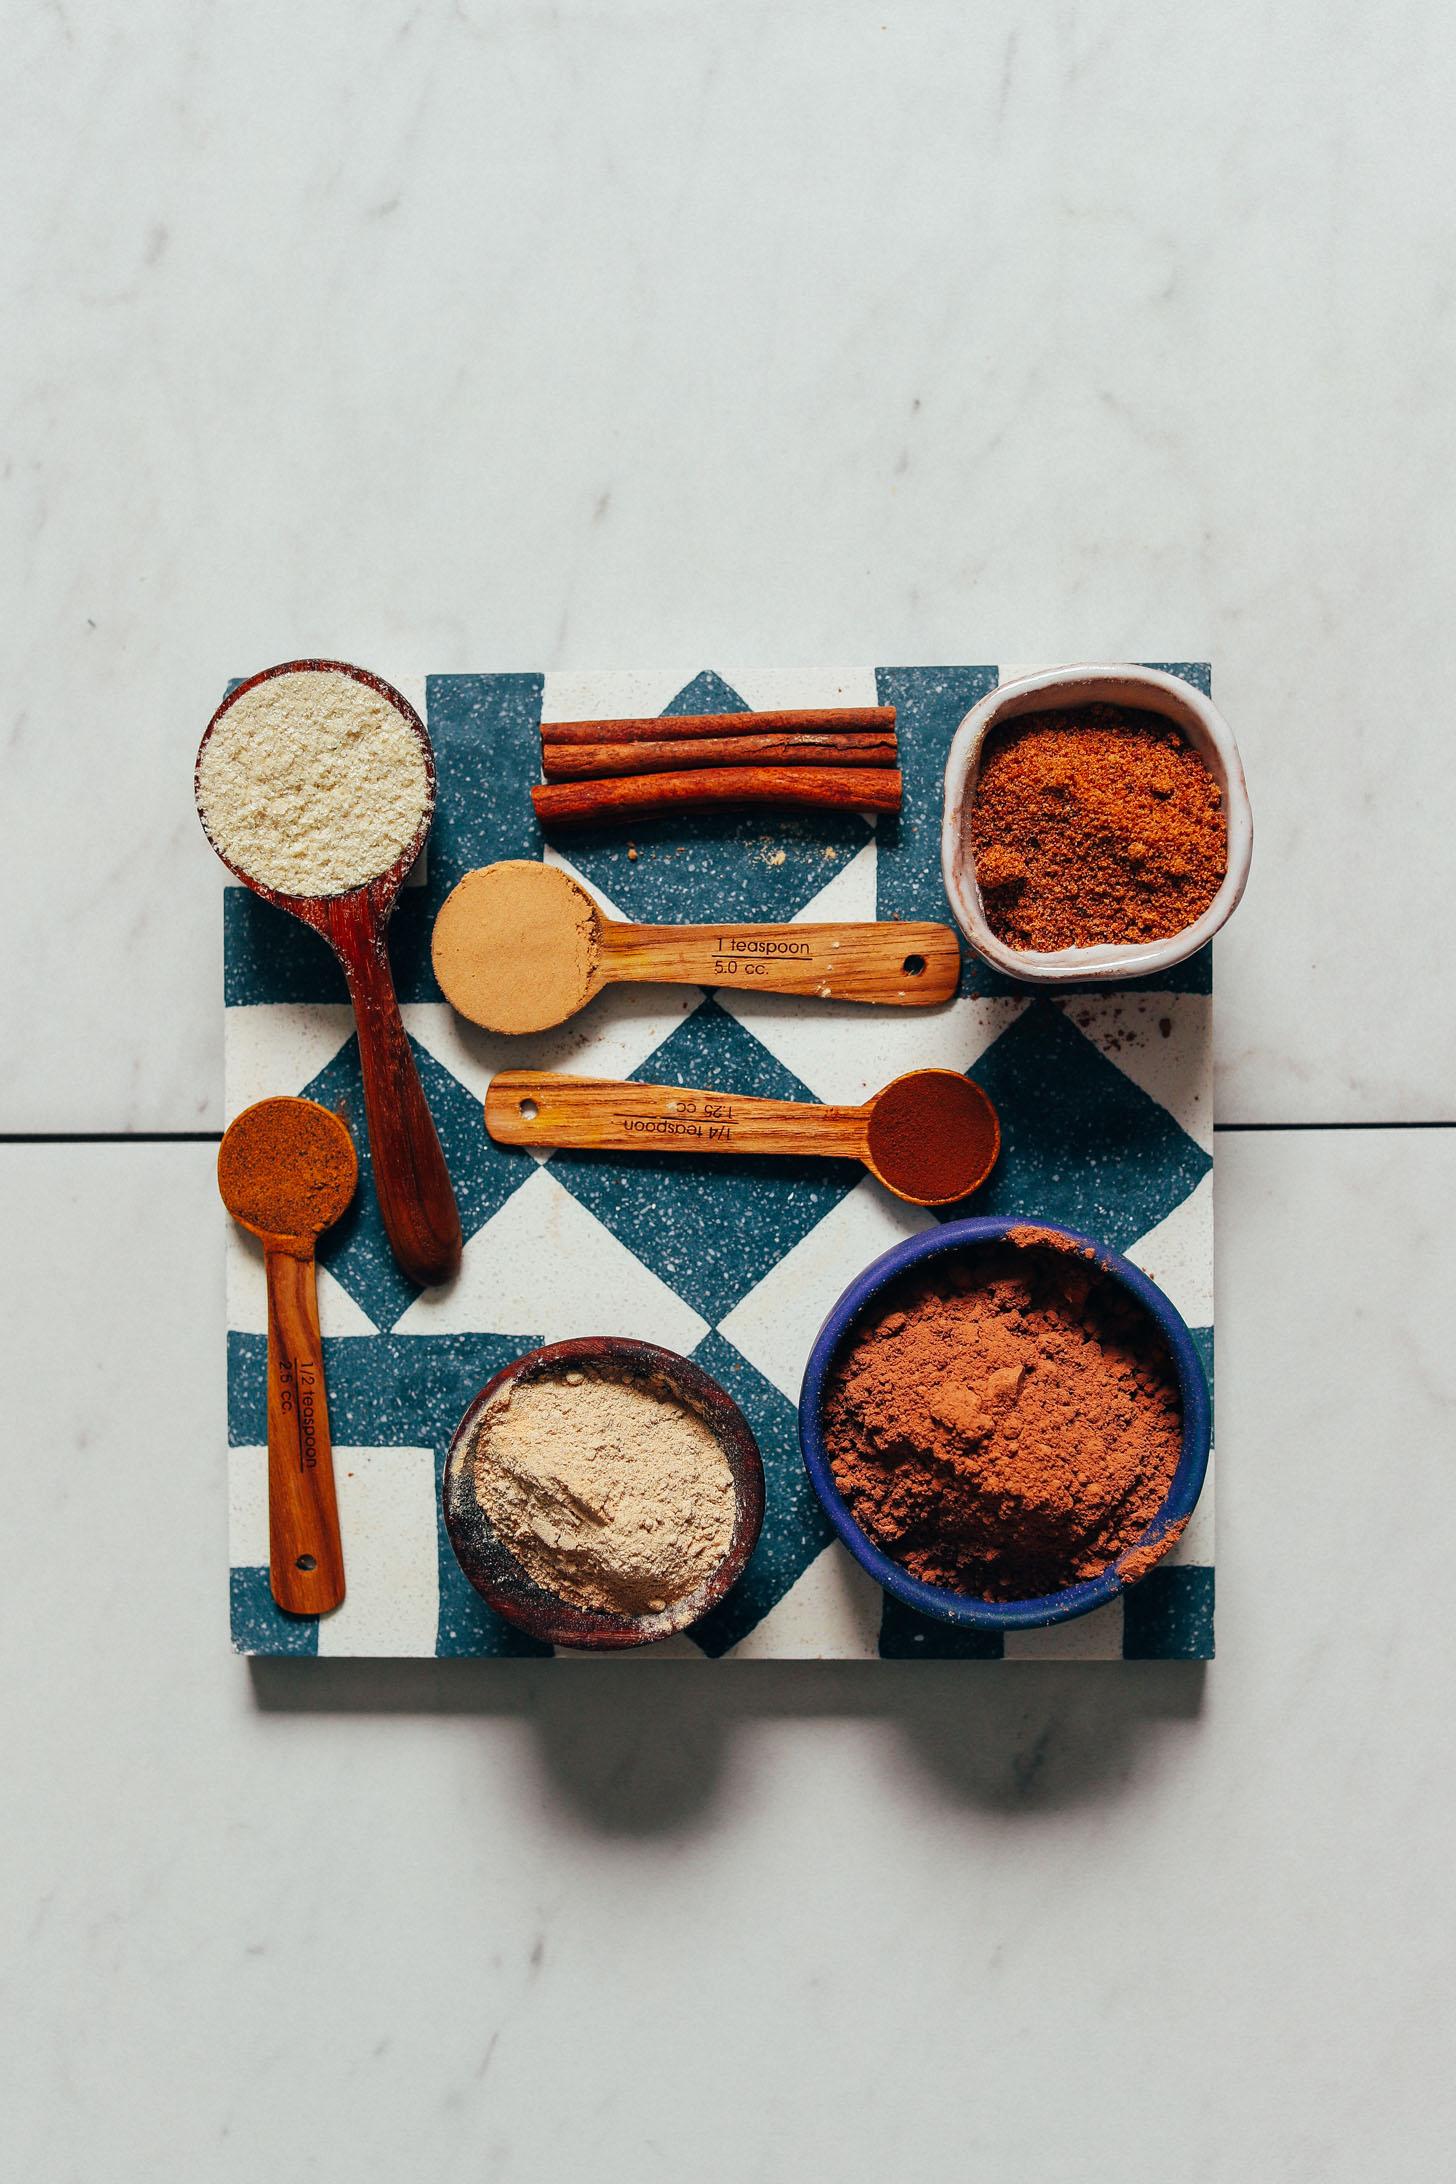 Cacao en polvo, maca, tocos y otros superalimentos para preparar nuestra receta de mezcla de chocolate caliente adaptógena